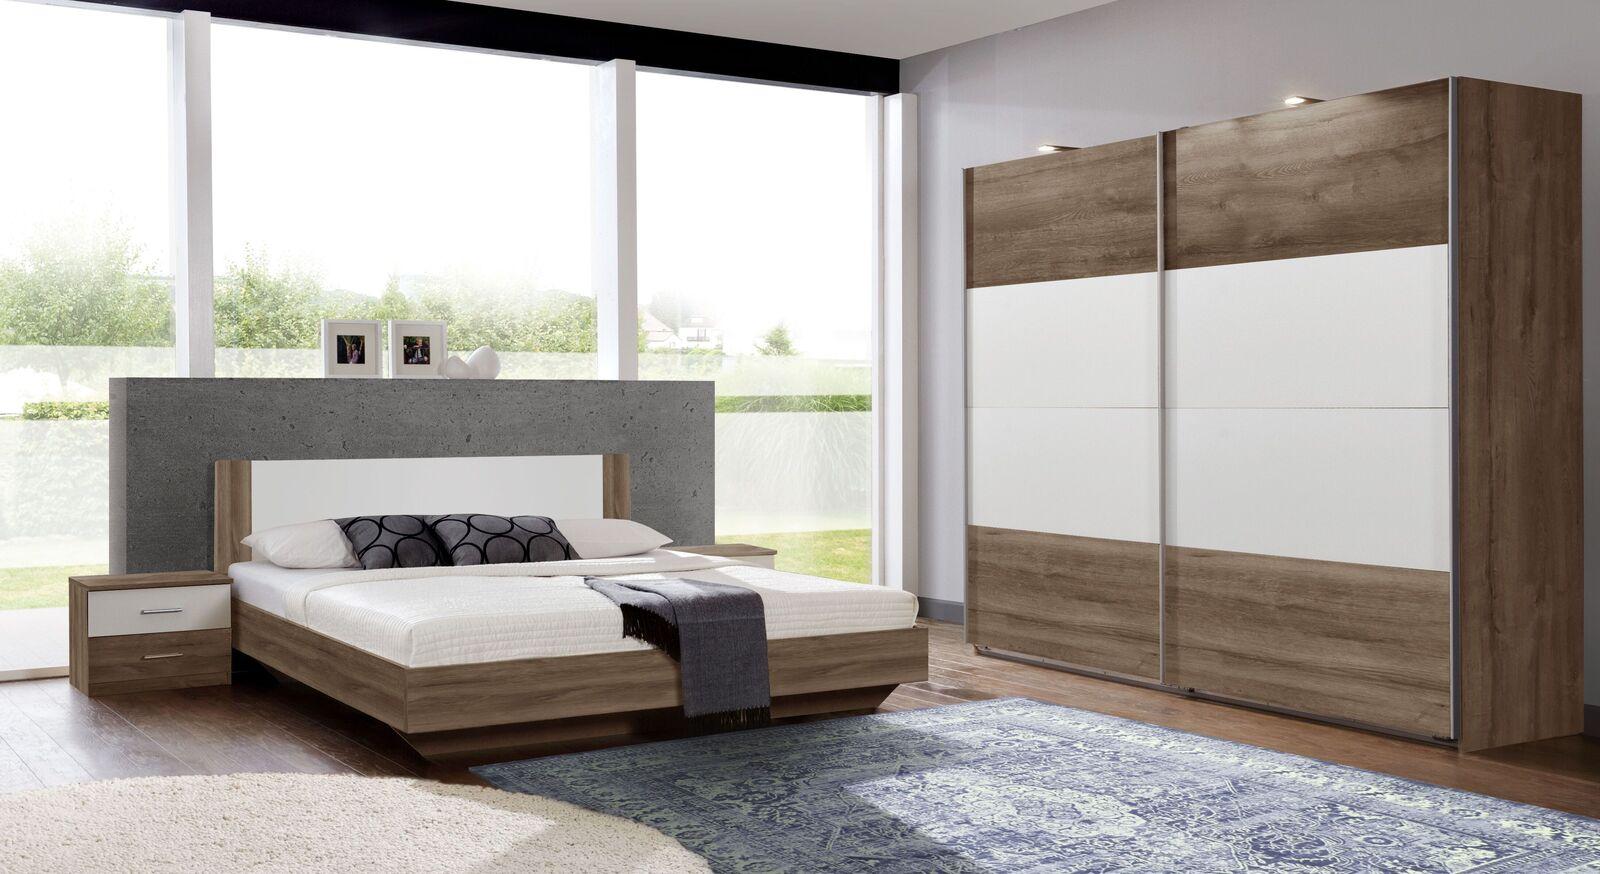 Komplett-Schlafzimmer Mandola mit passenden Möbeln